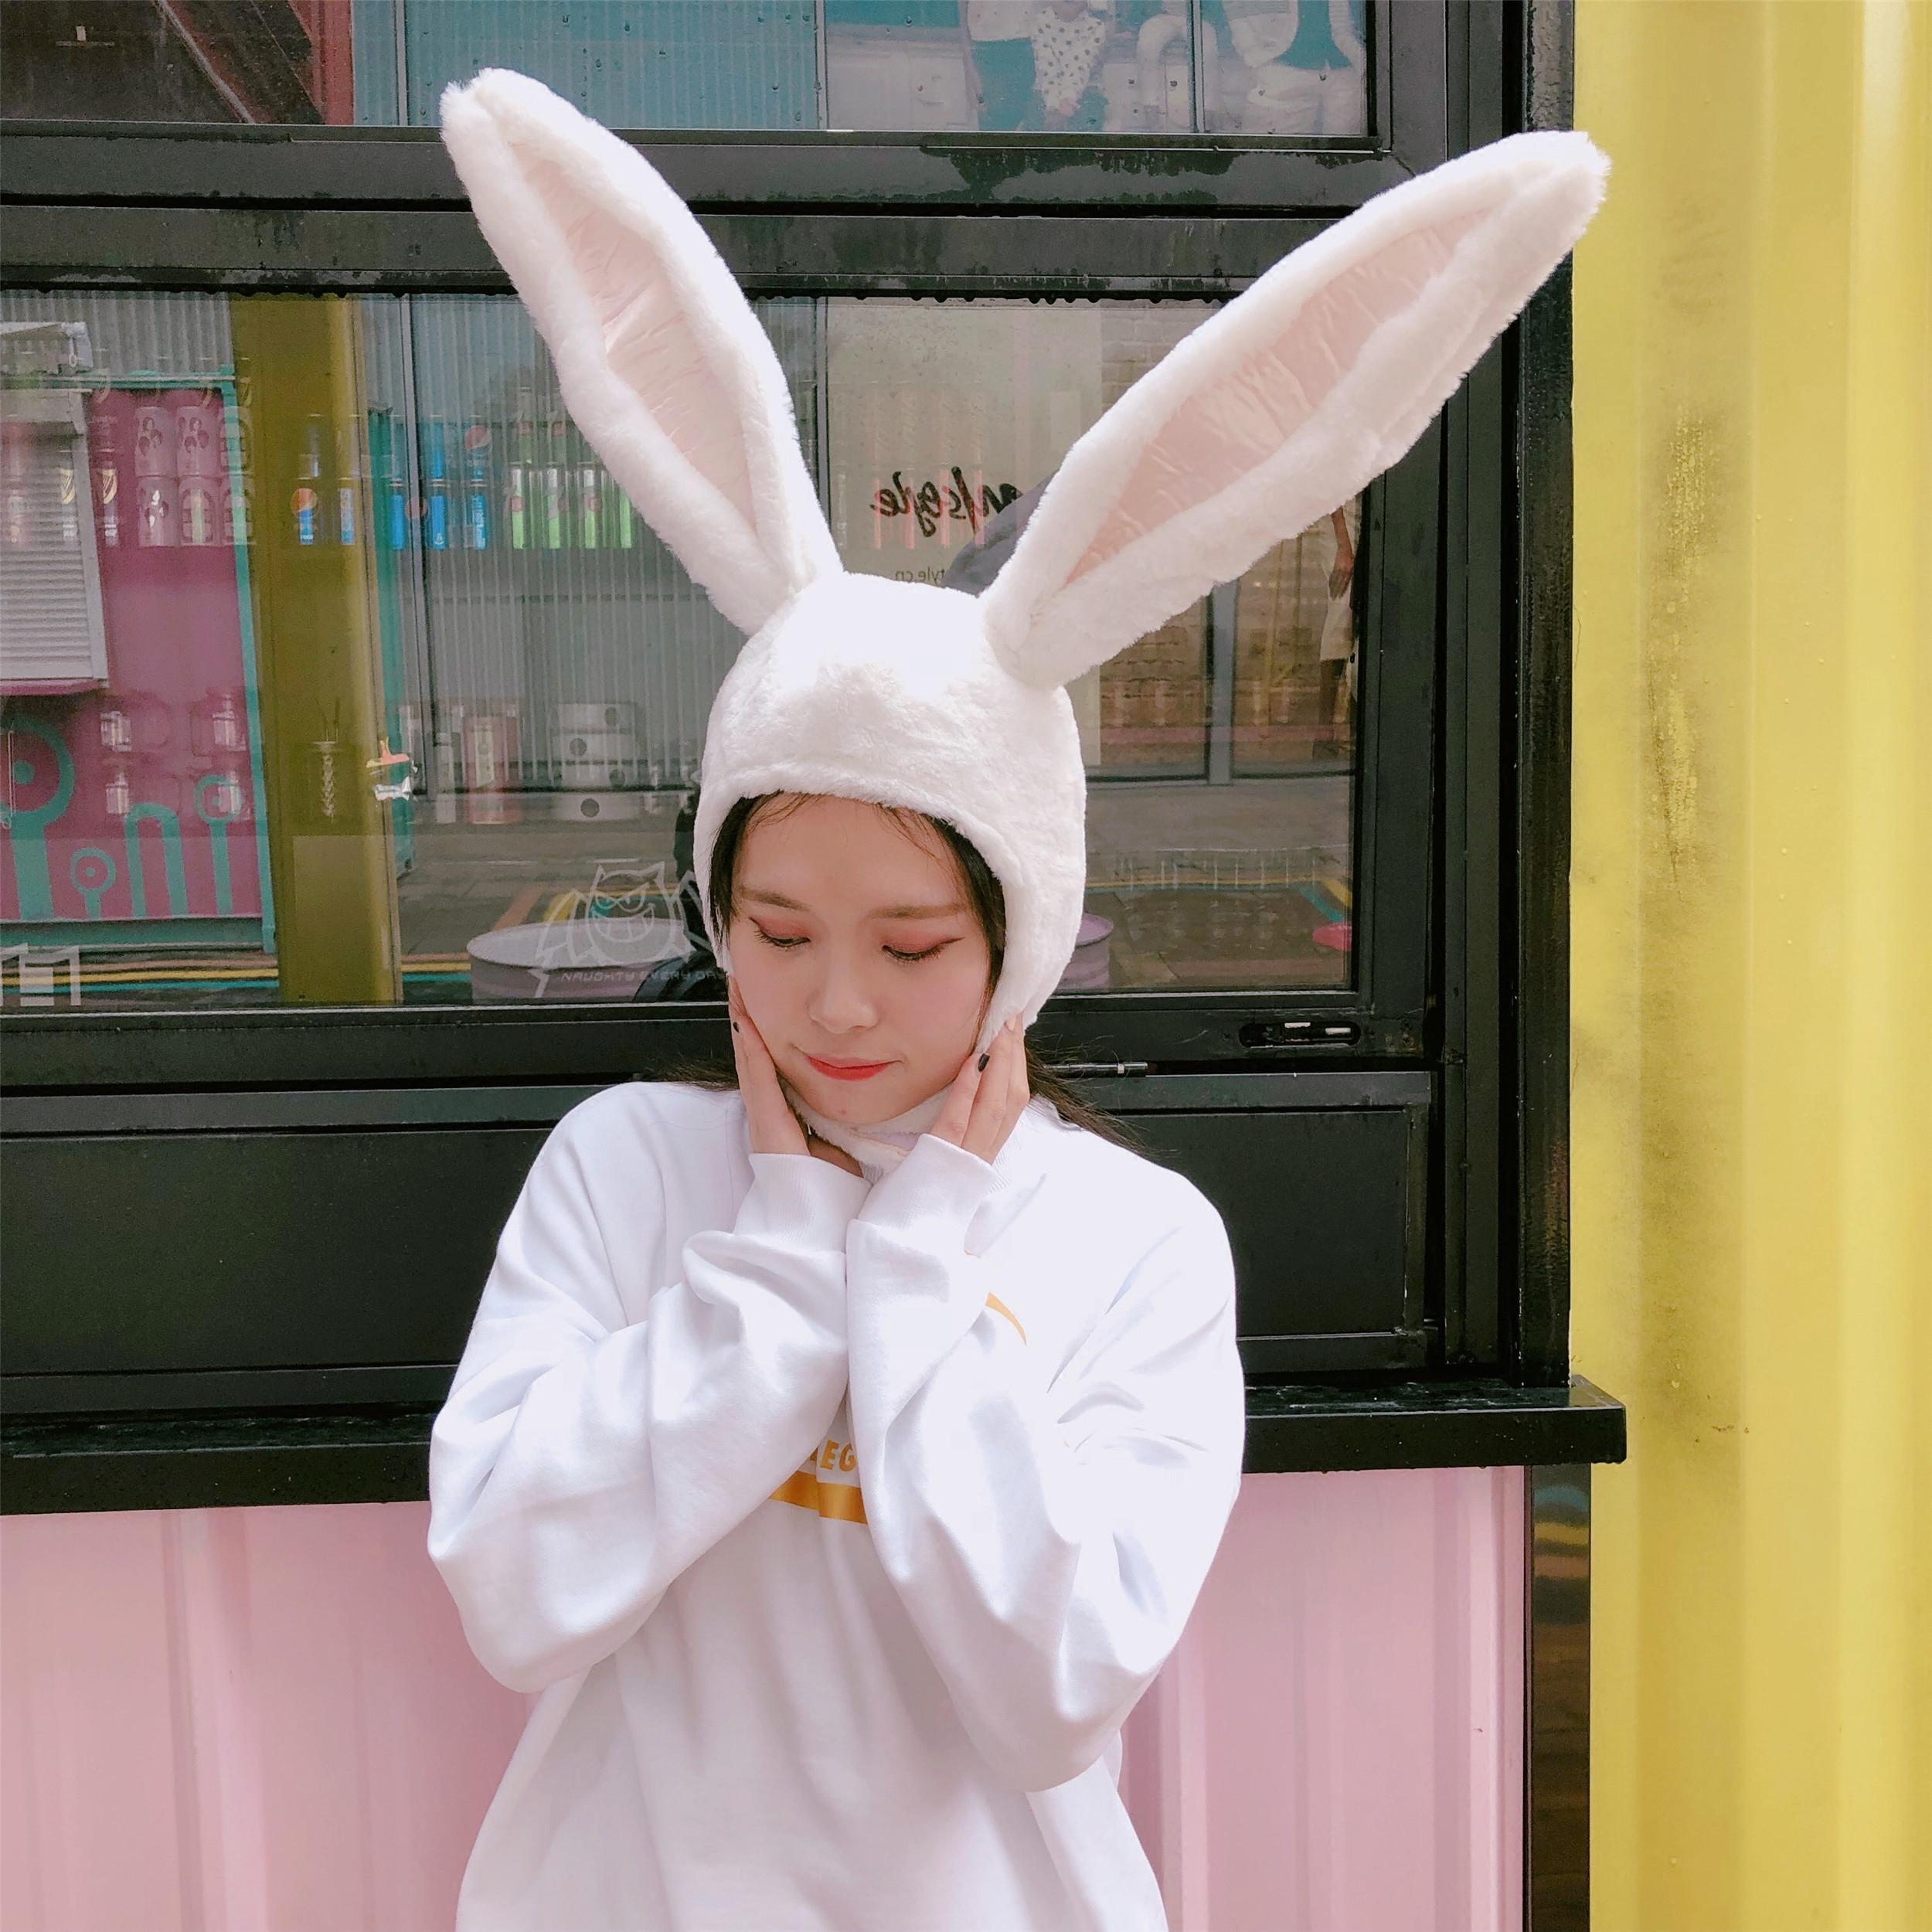 韩风卡通少女粉嫩立体兔耳朵帽子软妹可爱小兔子头套拍照道具